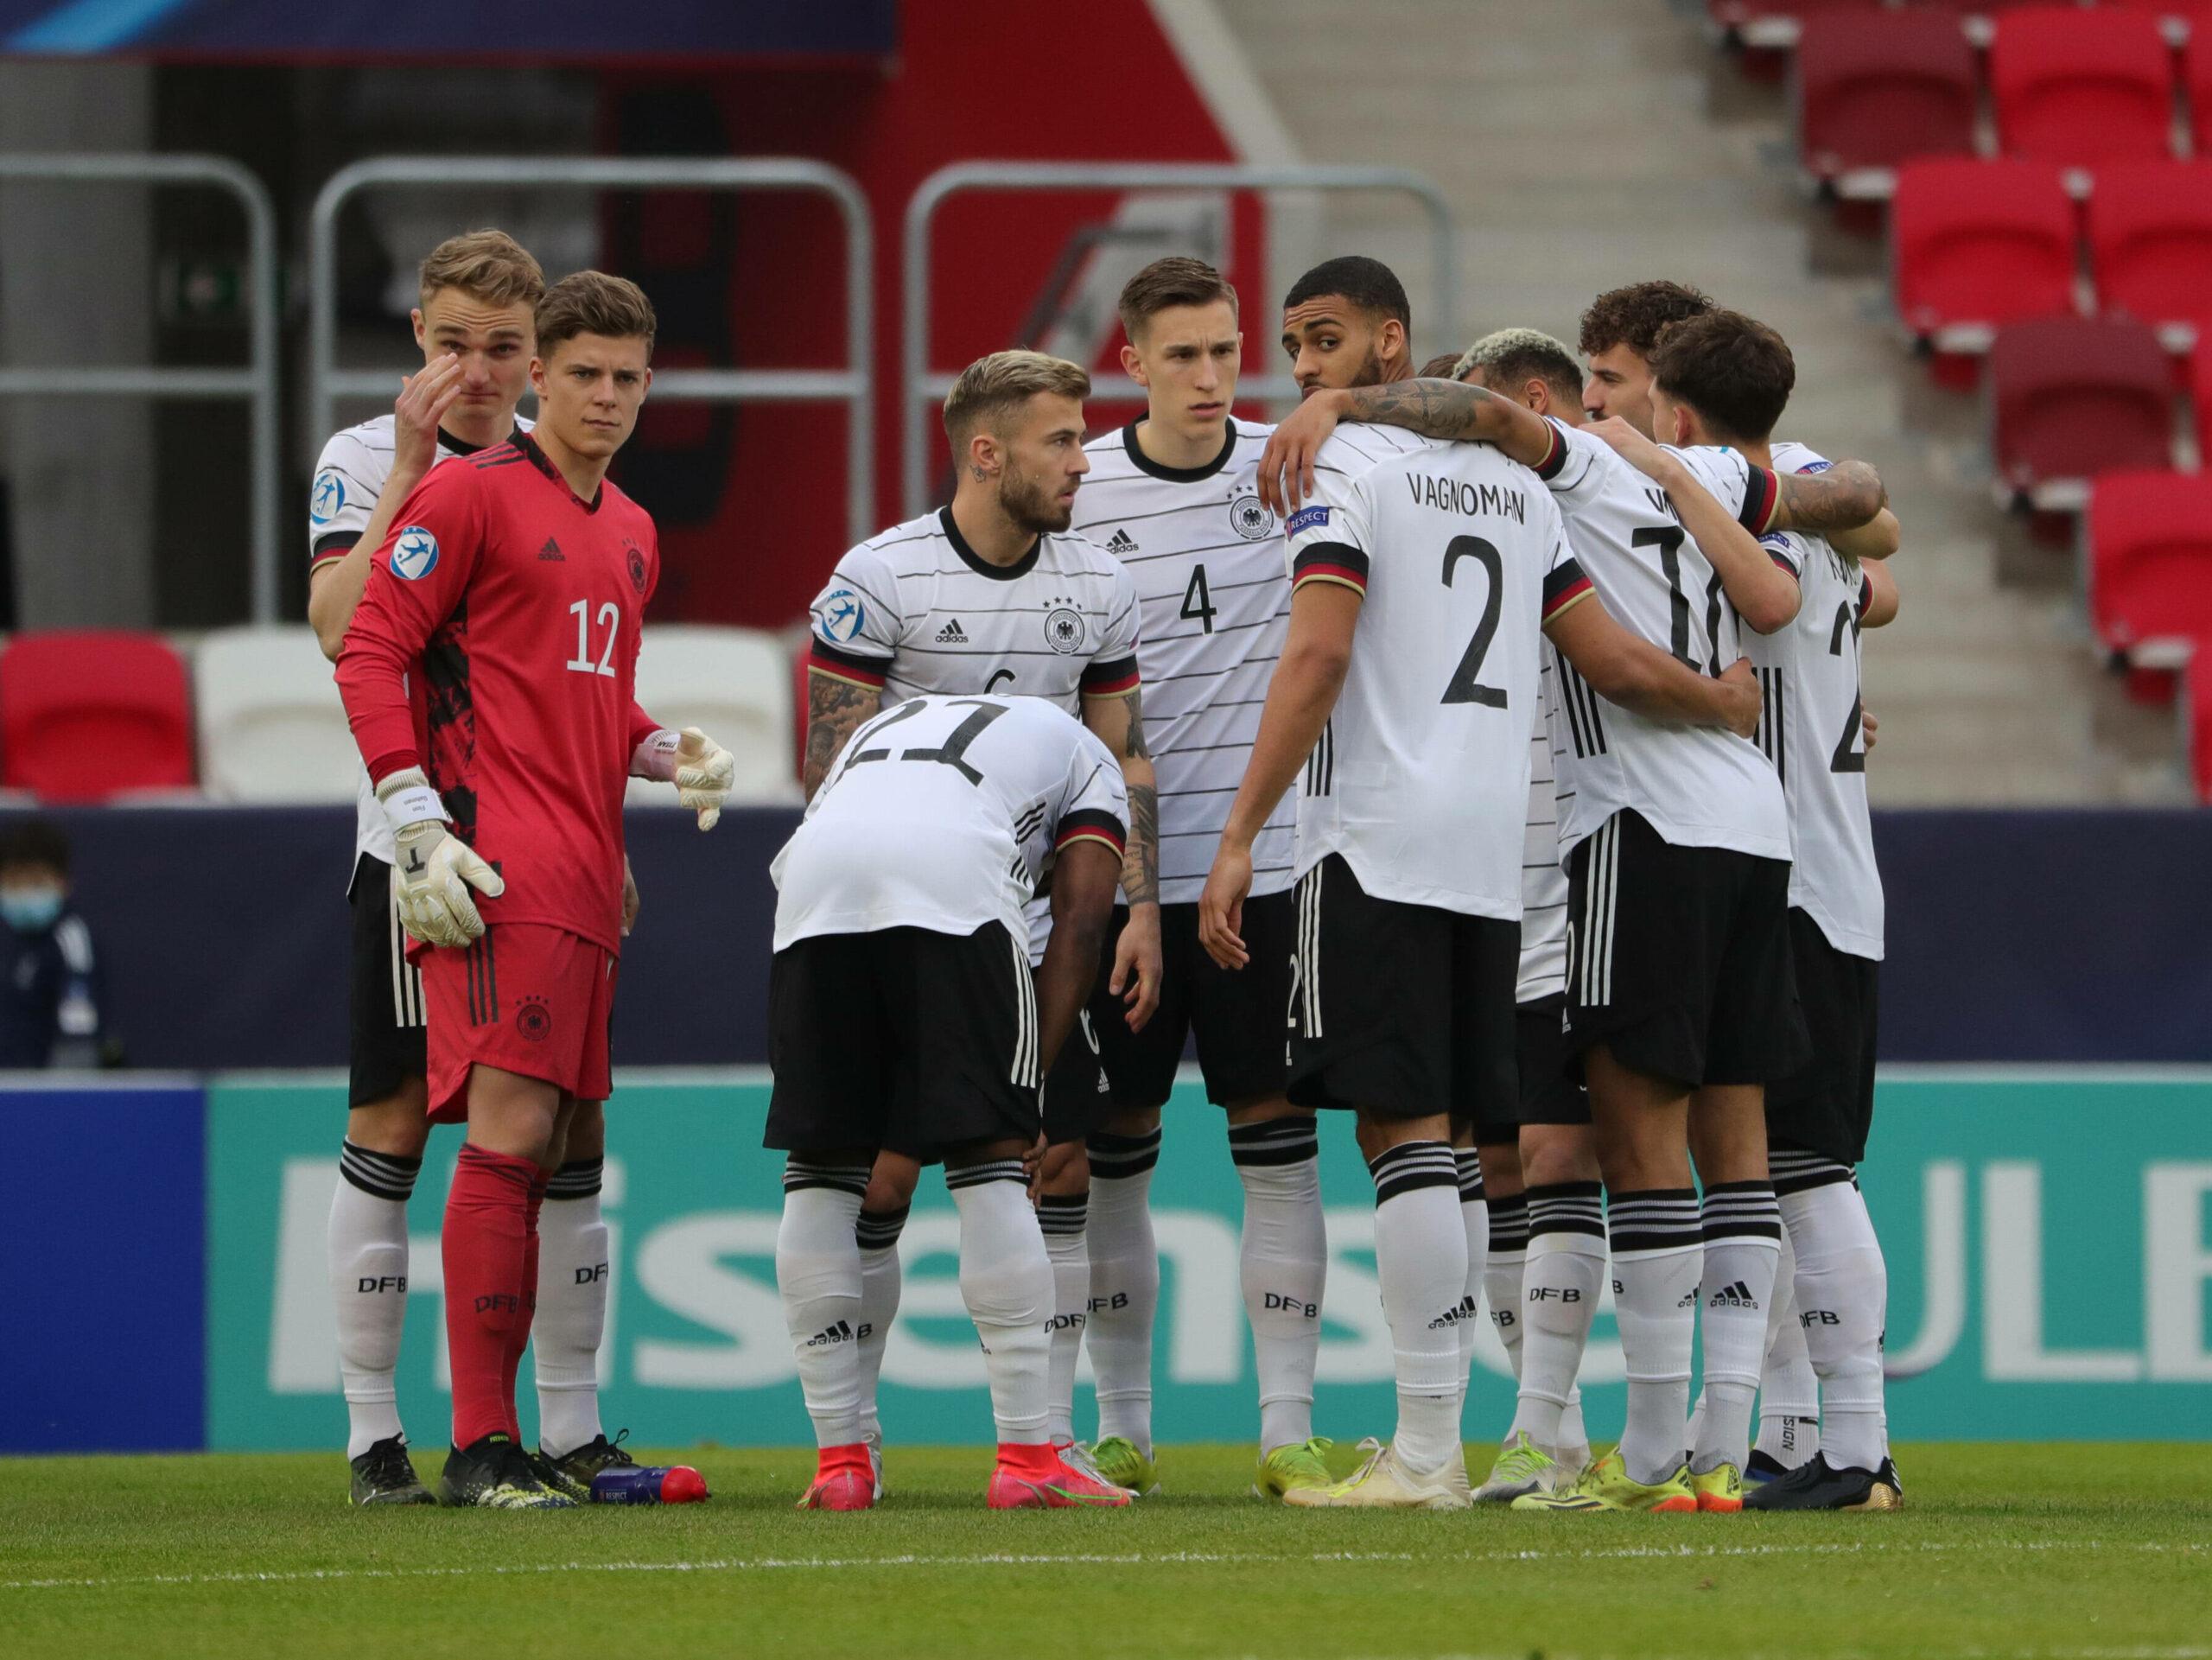 DFB U21 Team